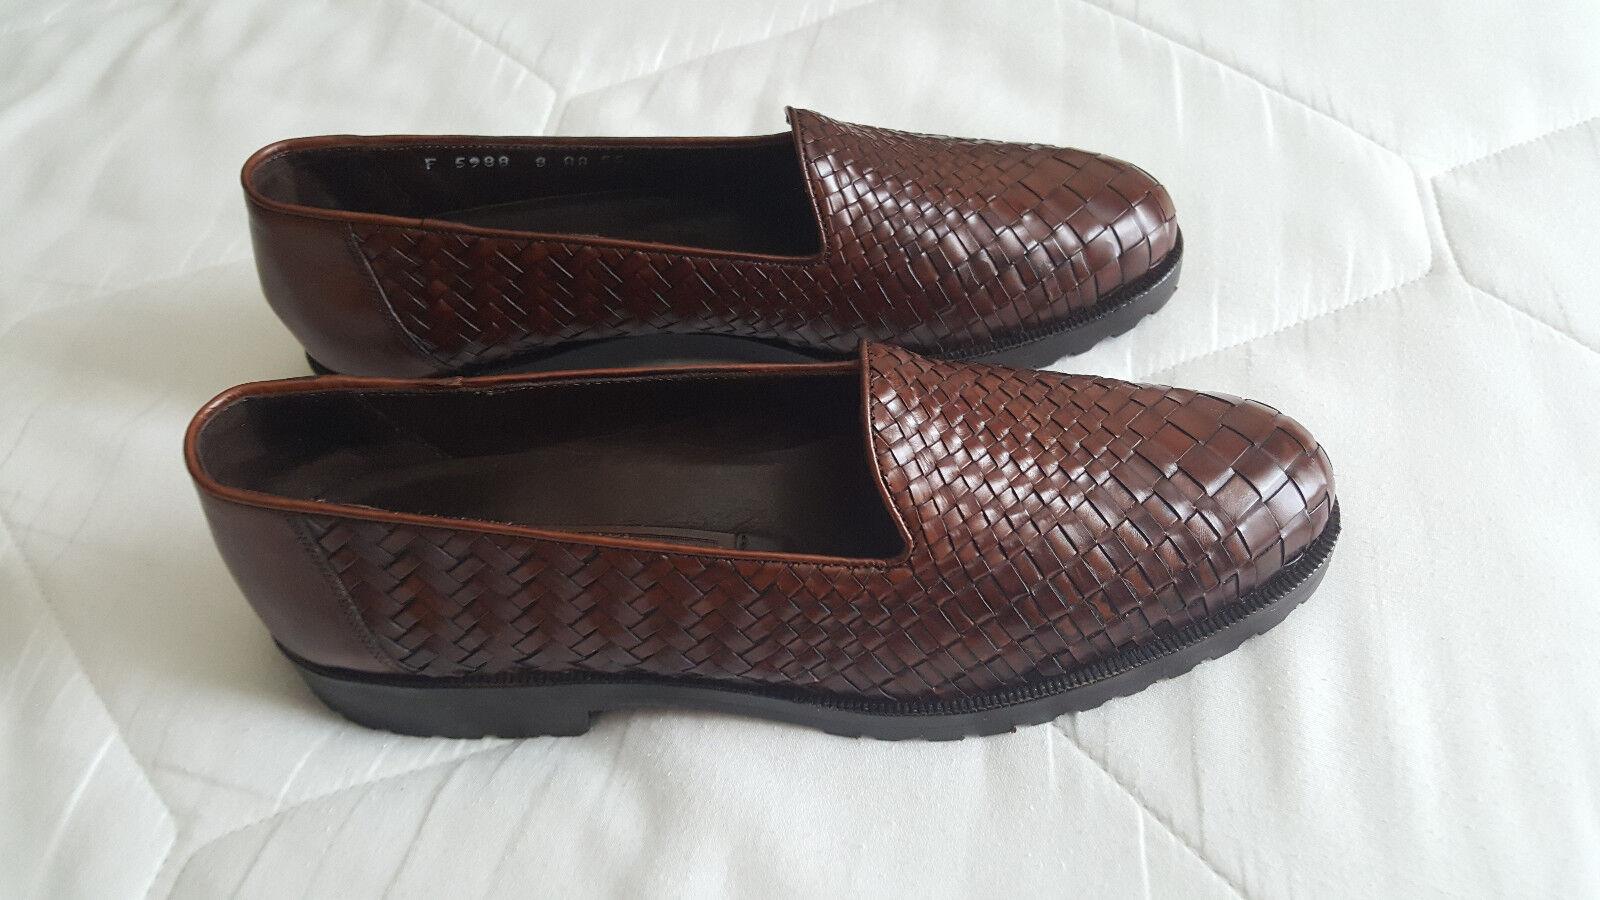 nelle promozioni dello stadio Cole Haan donna Loafers Leather Woven Woven Woven  Dimensione 8 AA  Style F5988  liquidazione fino al 70%